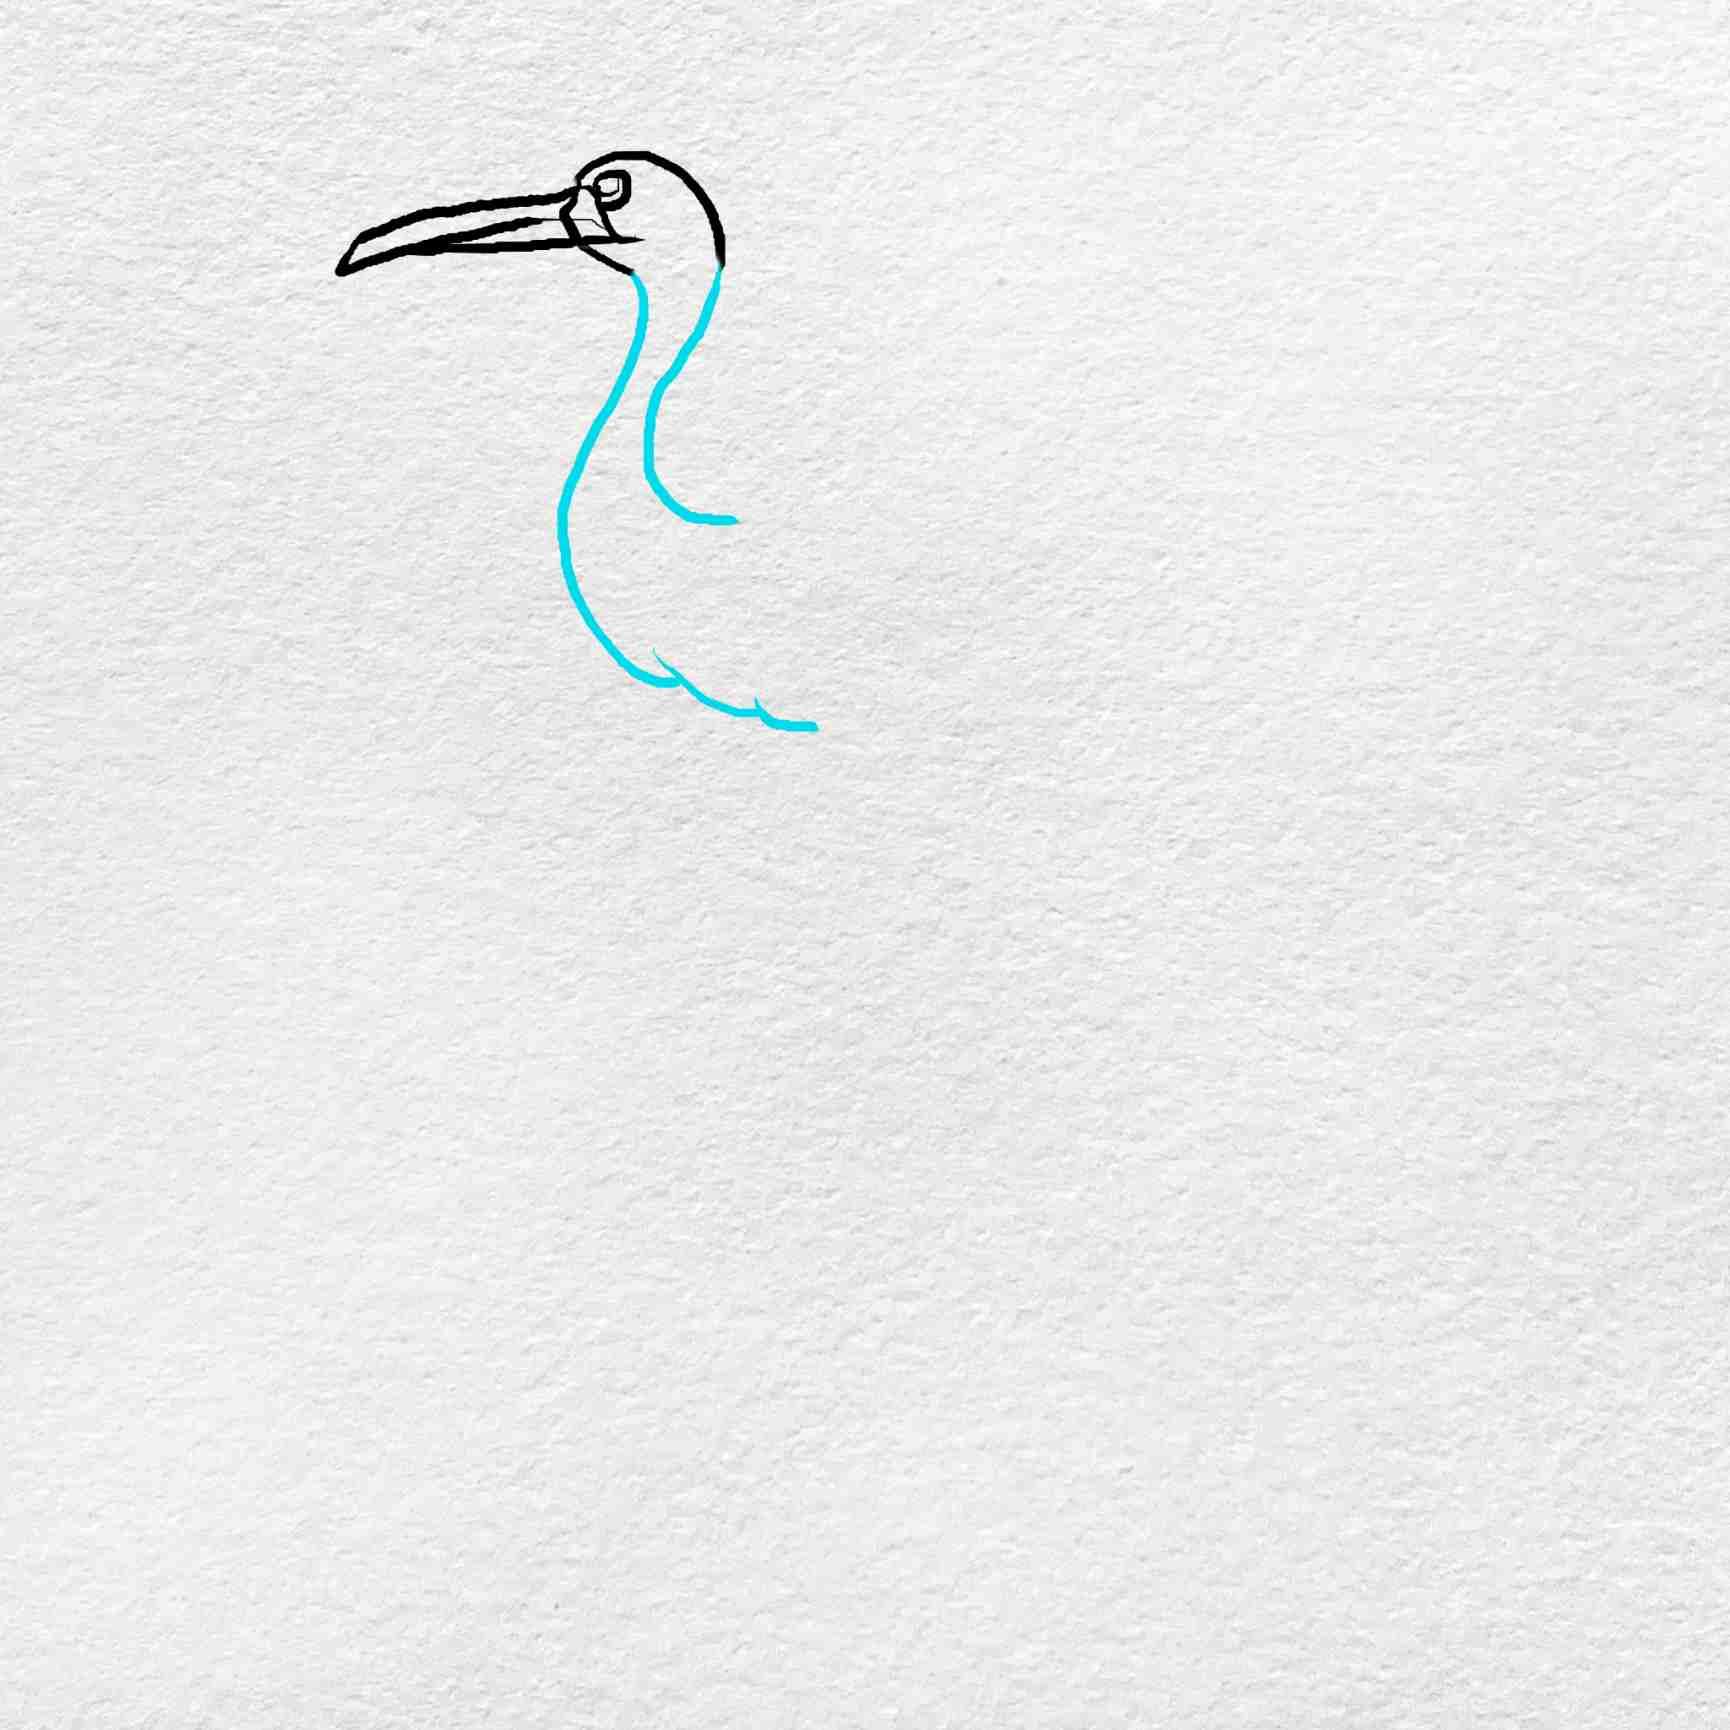 How To Draw A Crane: Step 3